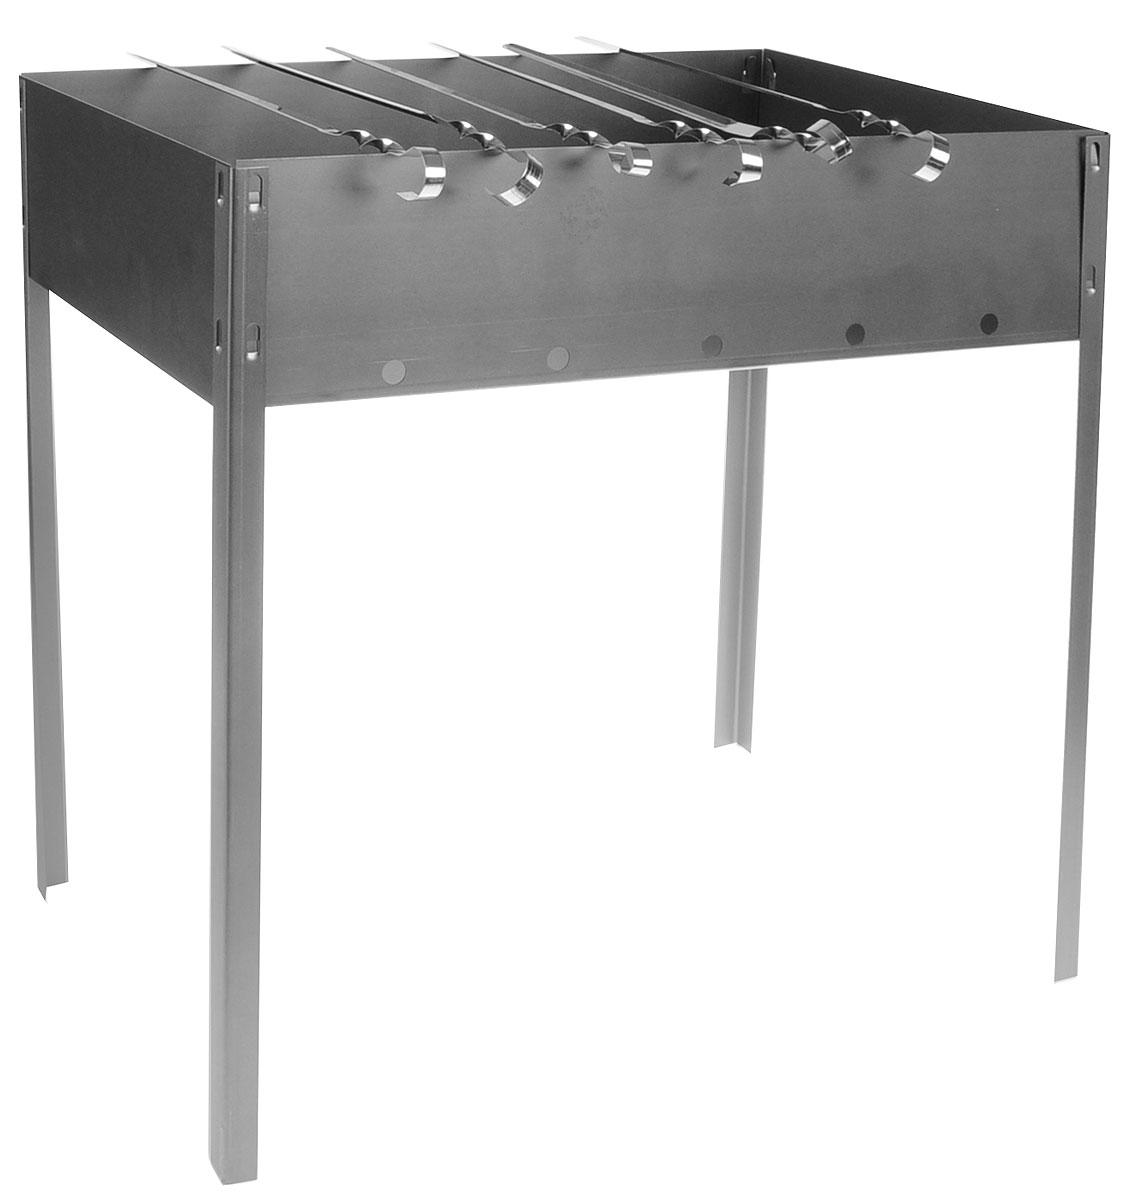 Мангал Бастион-Пром  Стандарт , складной, с 6 шампурами, 48 х 29 х 48 см - Посуда для приготовления